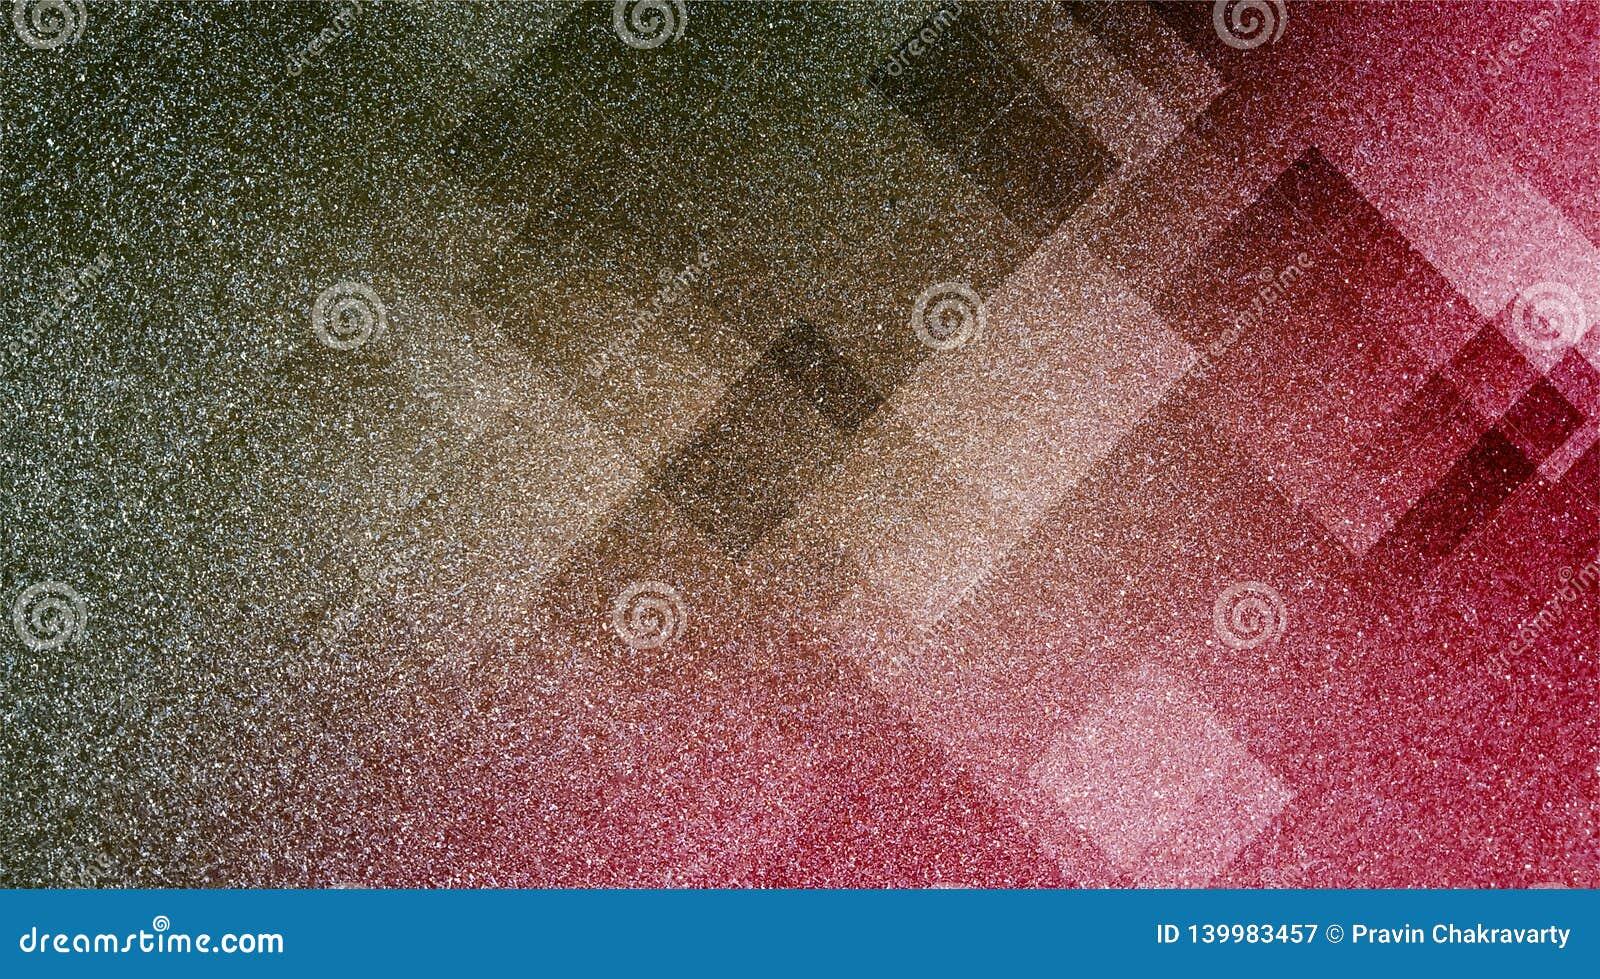 De abstracte bruine en roze achtergrond stelde gestreepte patroon en blokken in diagonale lijnen met uitstekende blauwe bruine en